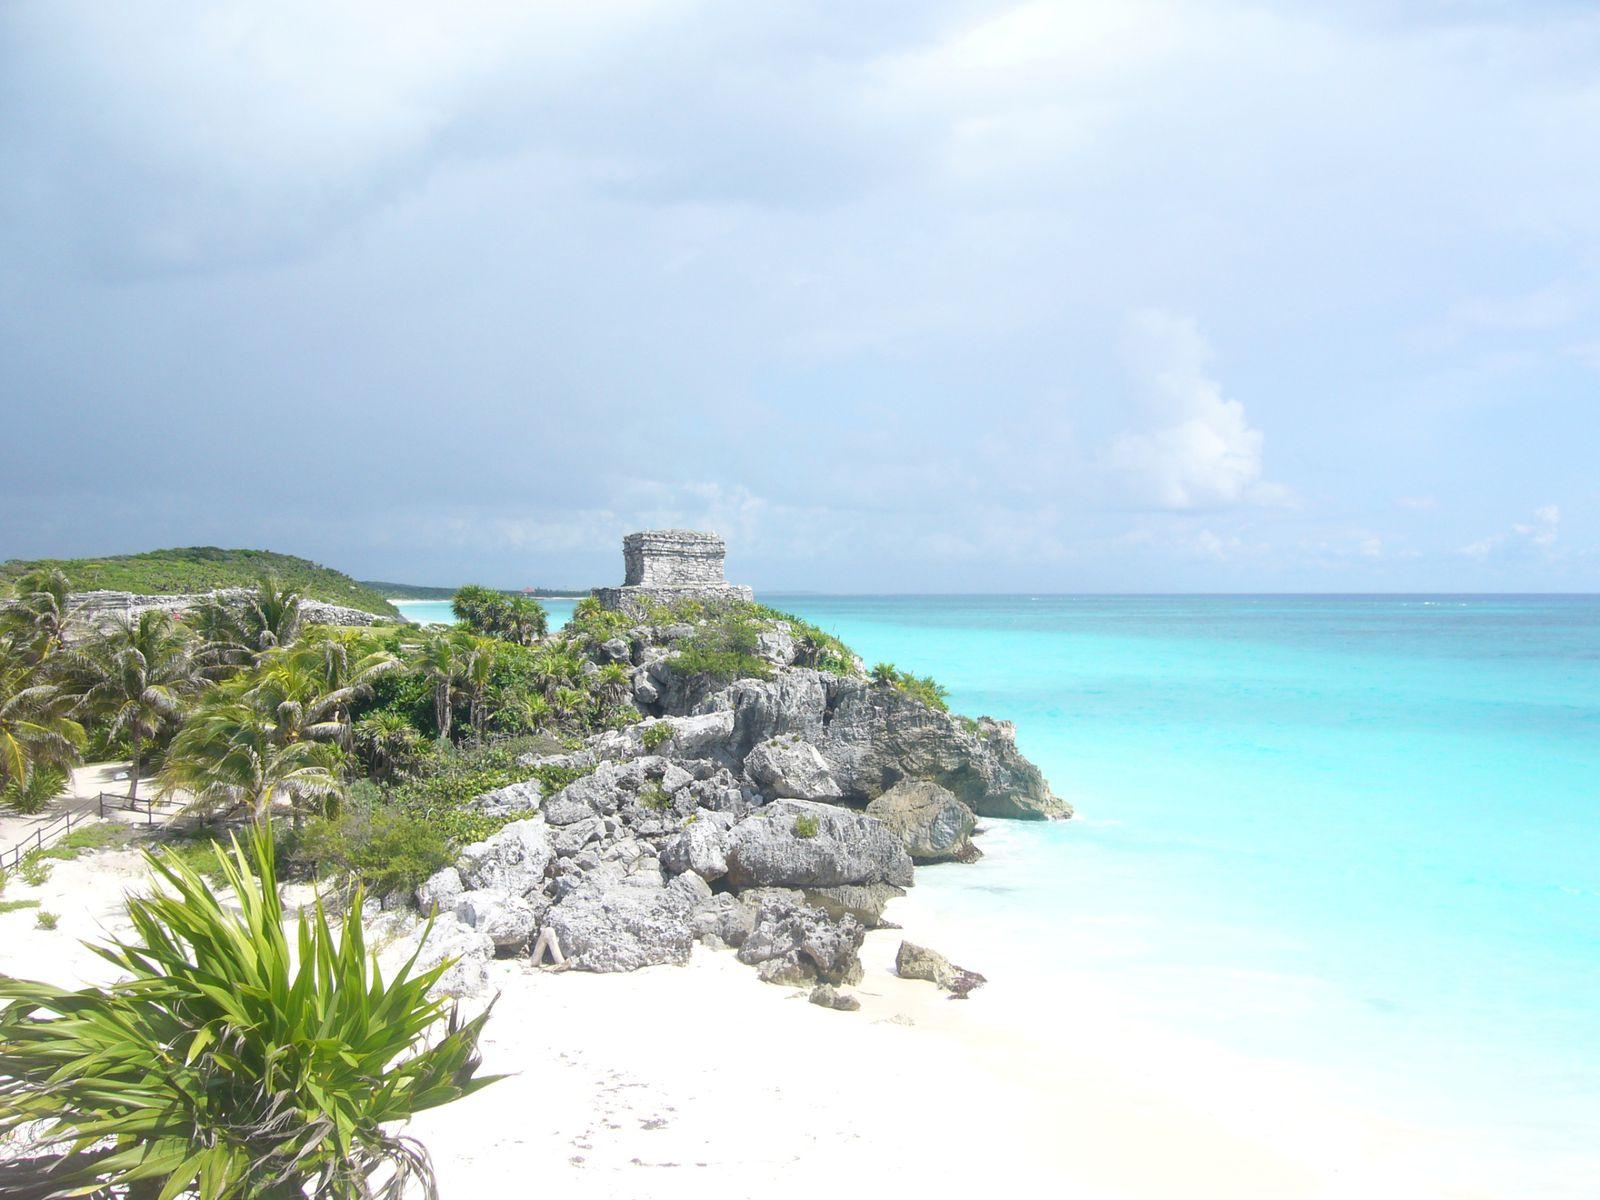 Mexique : péninsule du Yucatan _  riviera maya _ photos philae (jo)